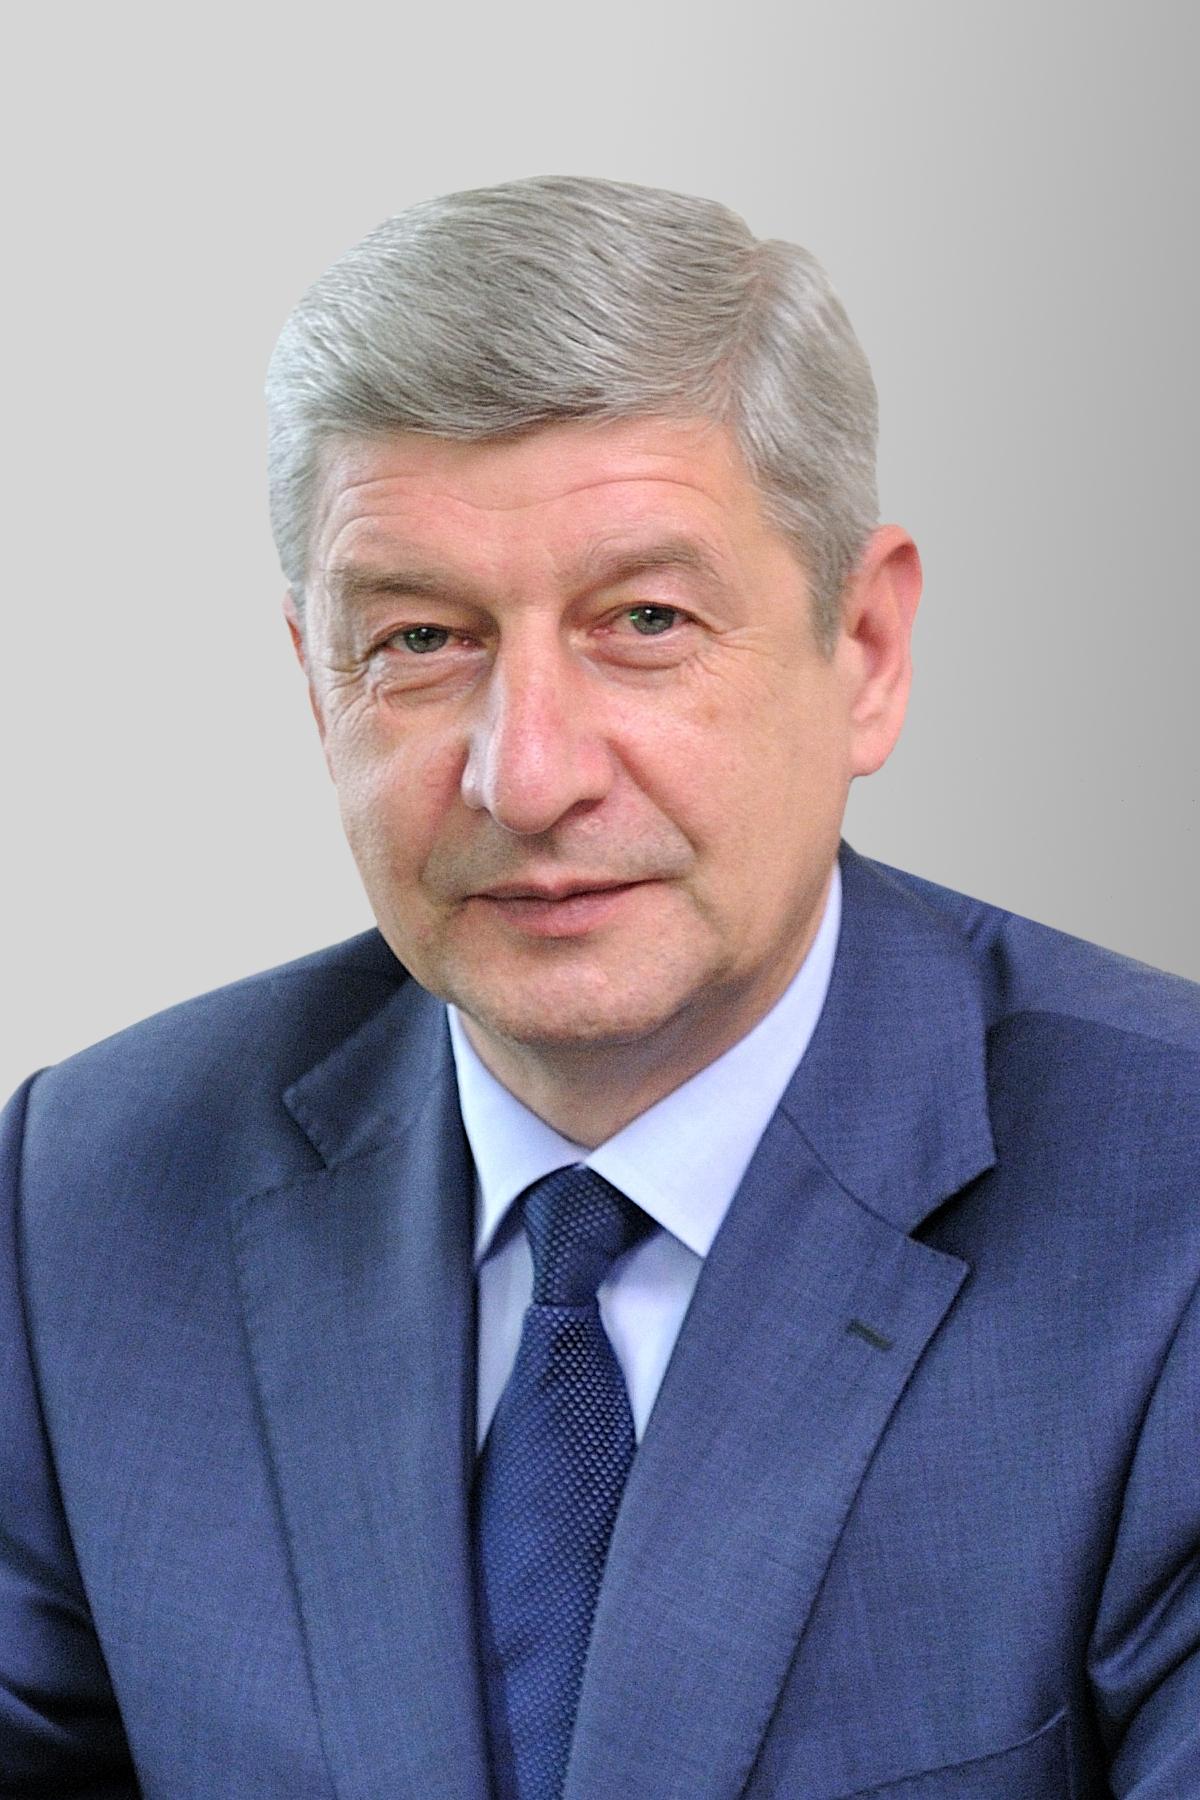 Сергей Левкин: инвесторы должны подставить плечо городу